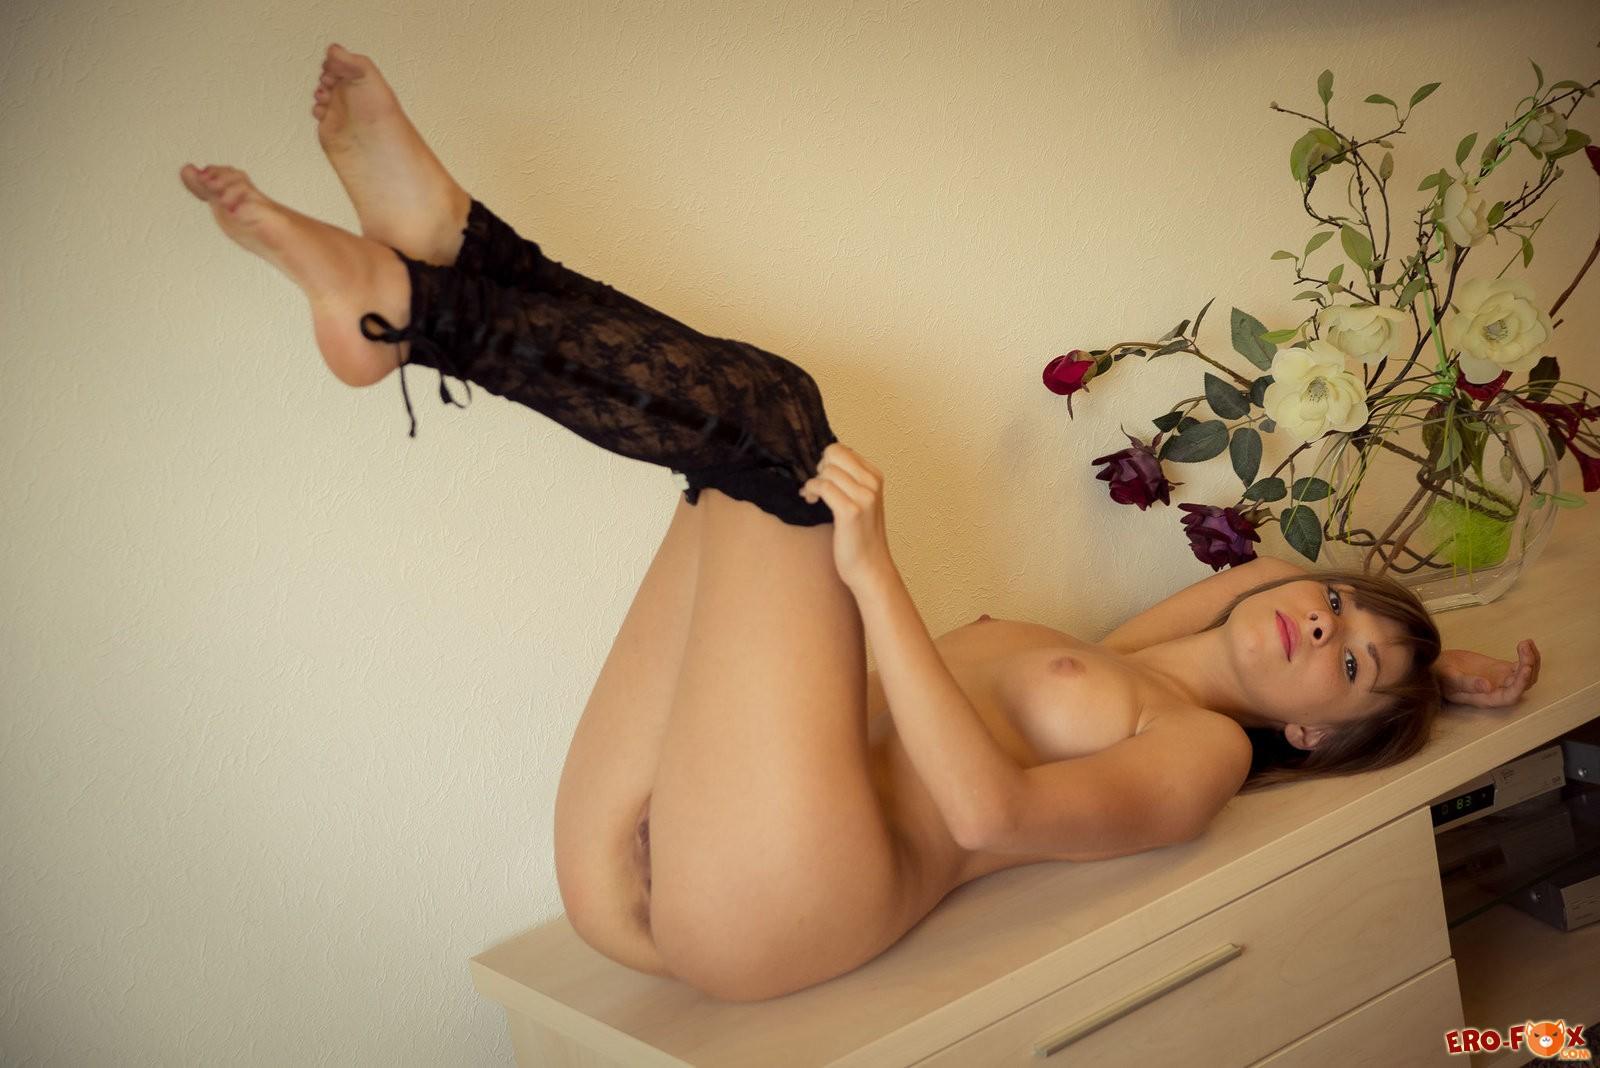 Красивое обнажённое тело голой девушки